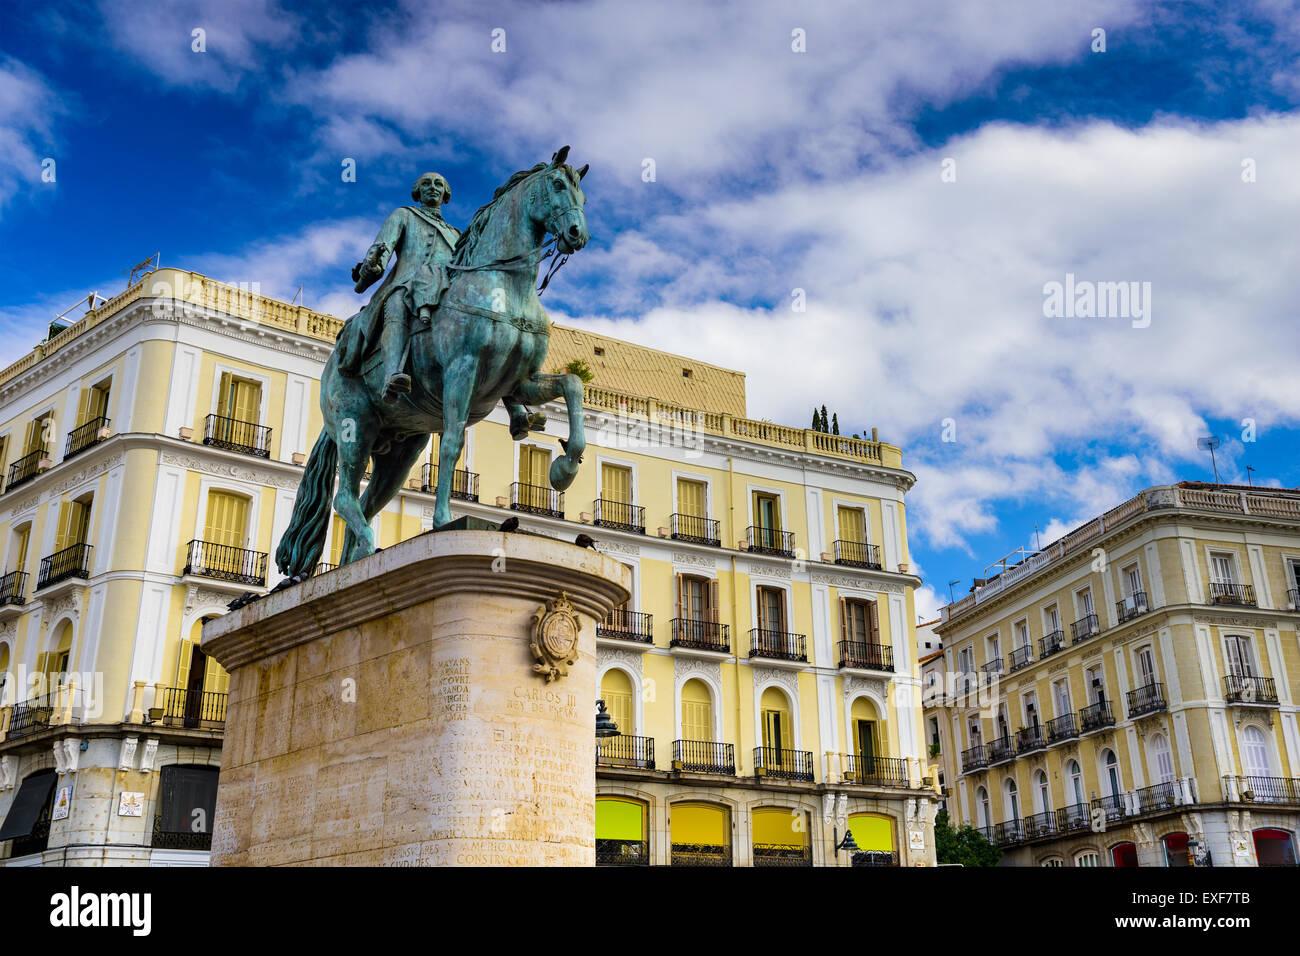 Madrid, España en la estatua ecuestre del rey Carlos III en la Puerta del Sol. Imagen De Stock